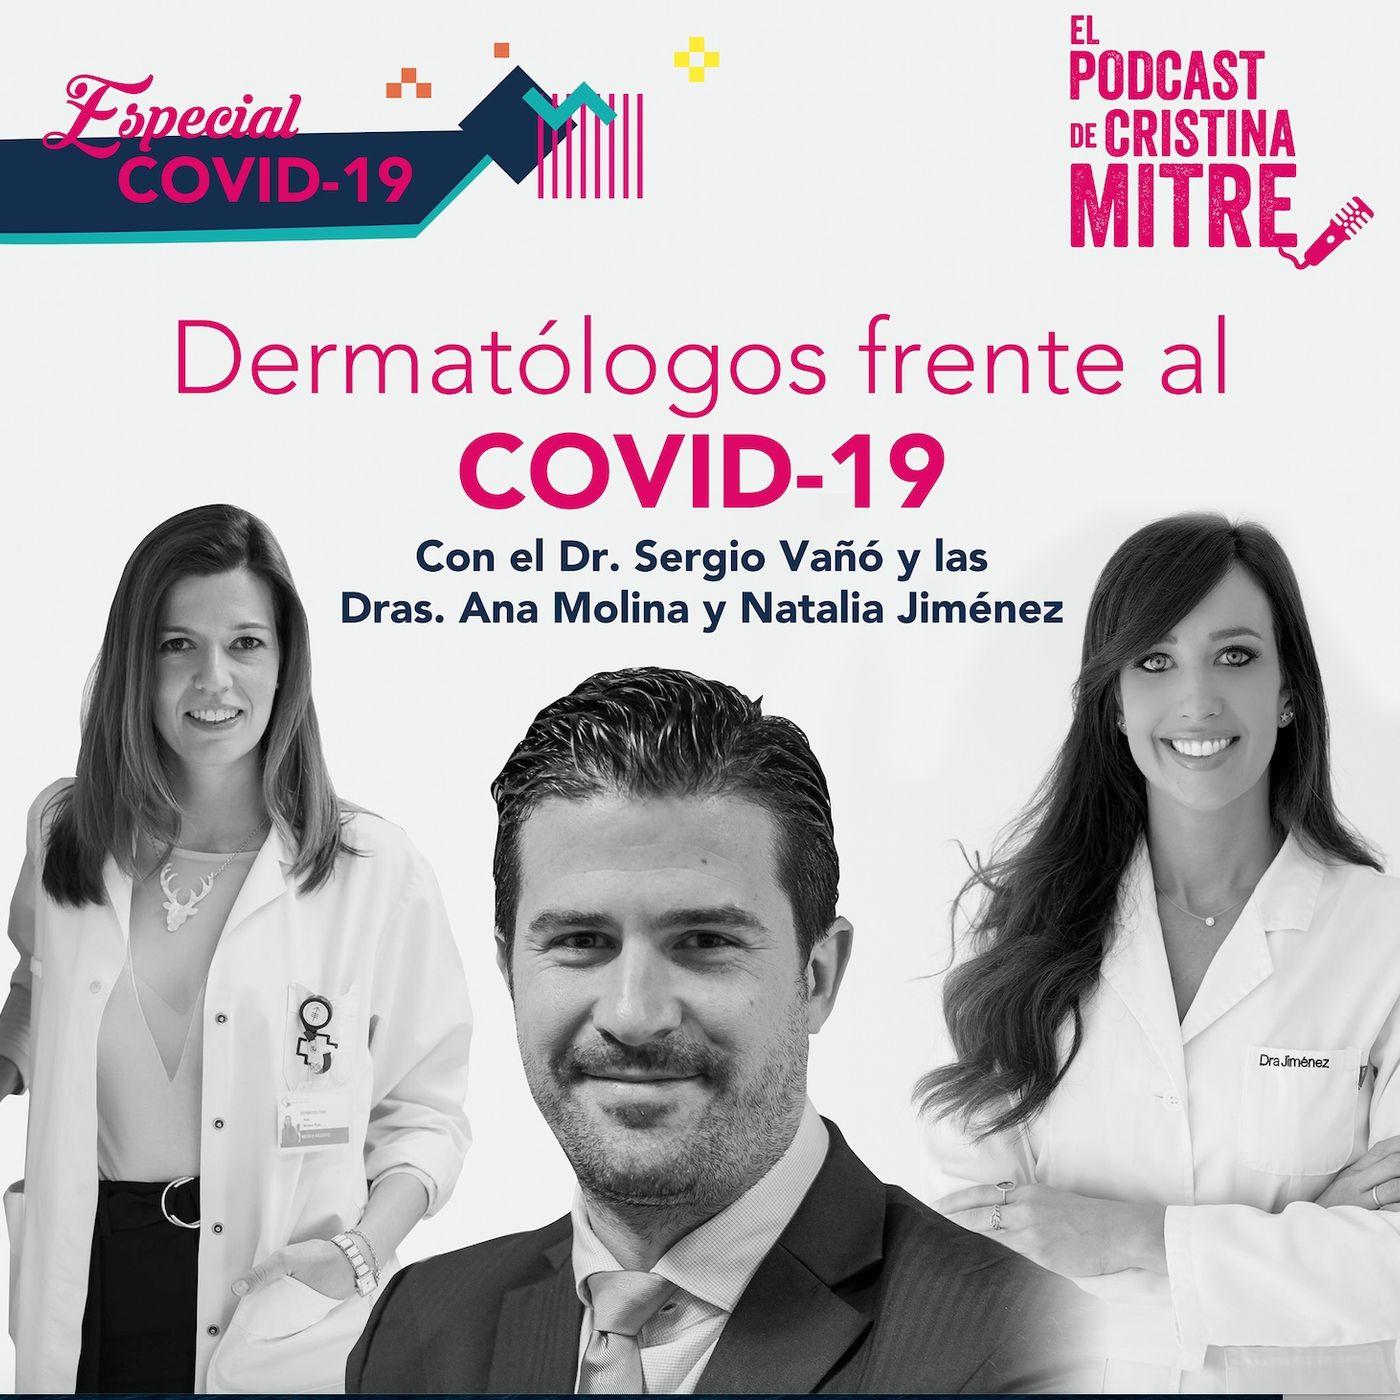 Dermatólogos frente al coronavirus o cómo salir de tu zona de confort en circunstancias excepcionales. Especial COVID-19